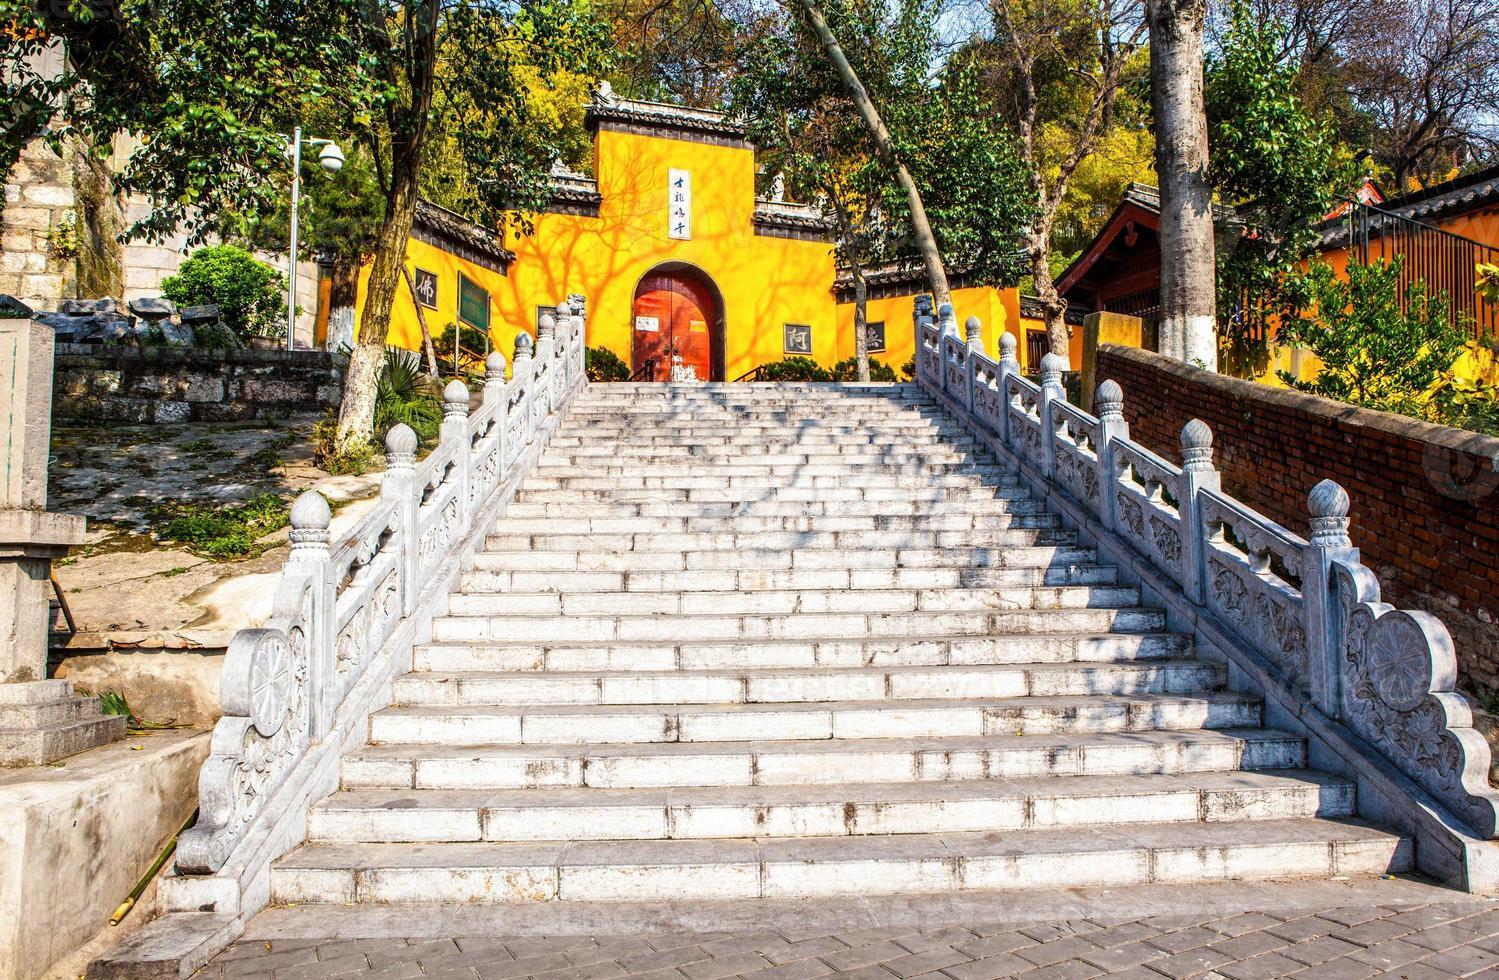 Tempio di Jim nella città di Nanchino foto